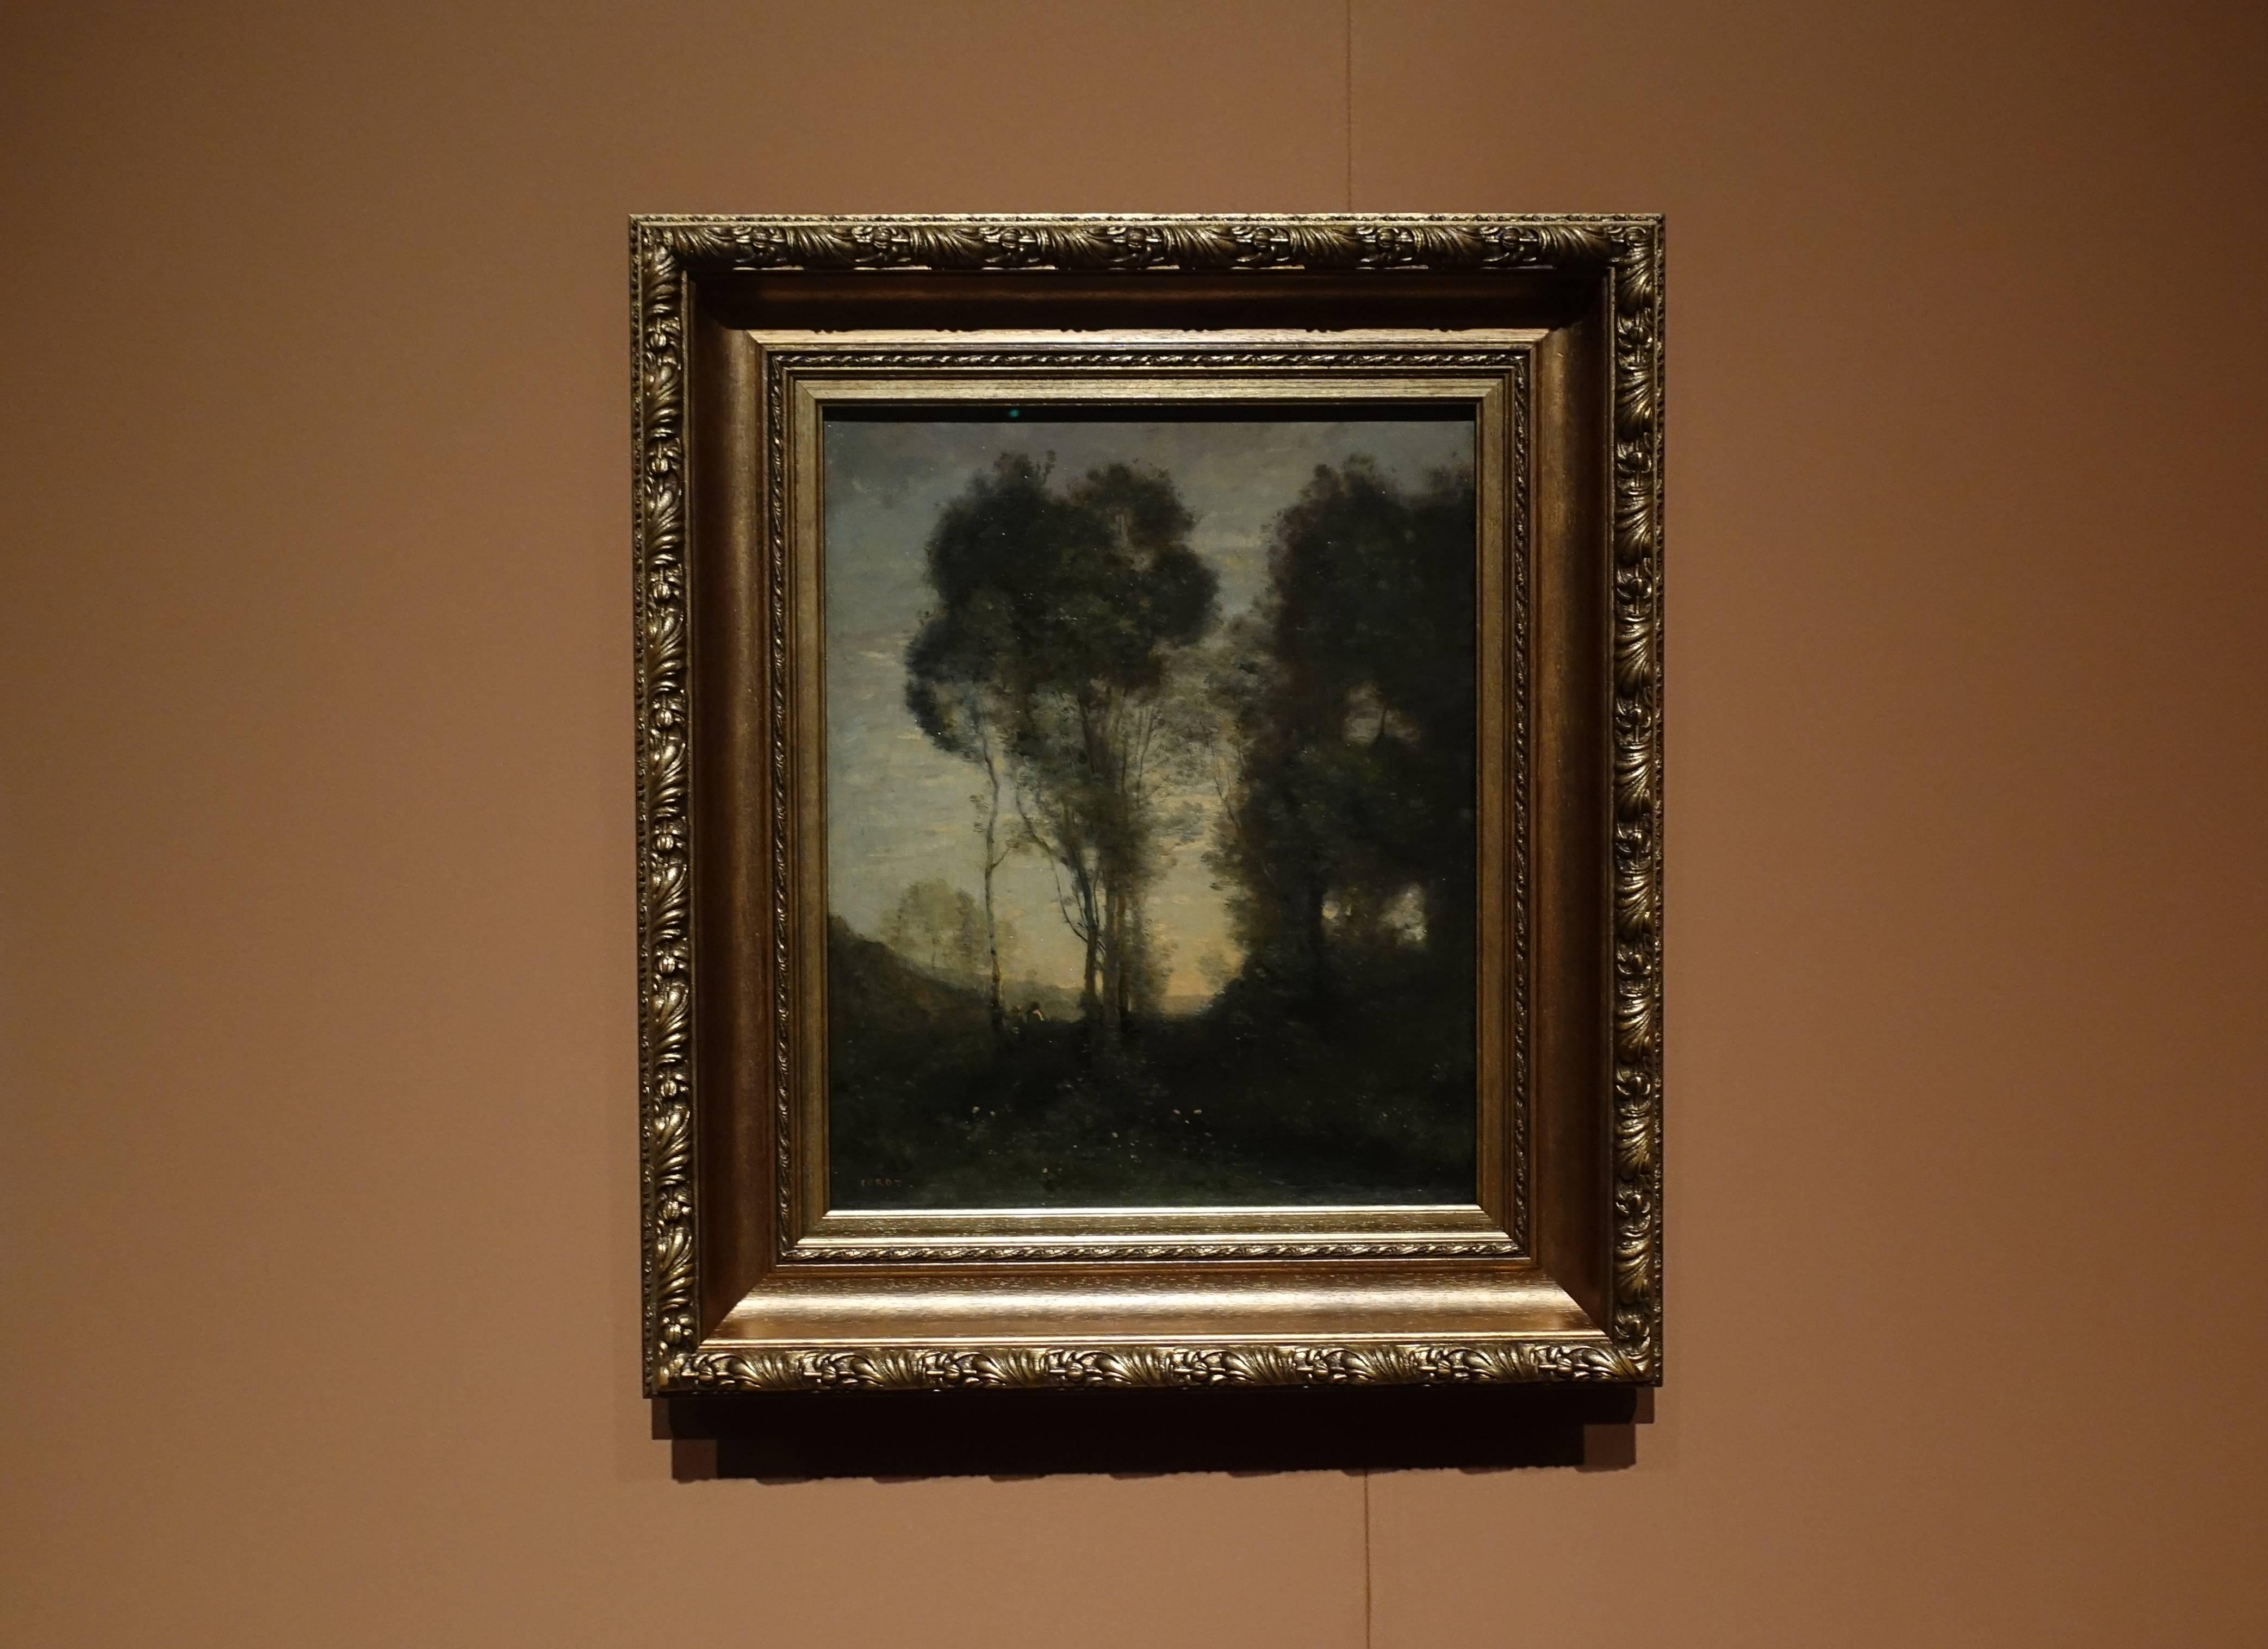 尚-巴蒂斯特•卡密爾•柯洛Jean-Baptiste-Camille Corot,《向晚 Evening》,油彩、畫布 Oil on canvas。